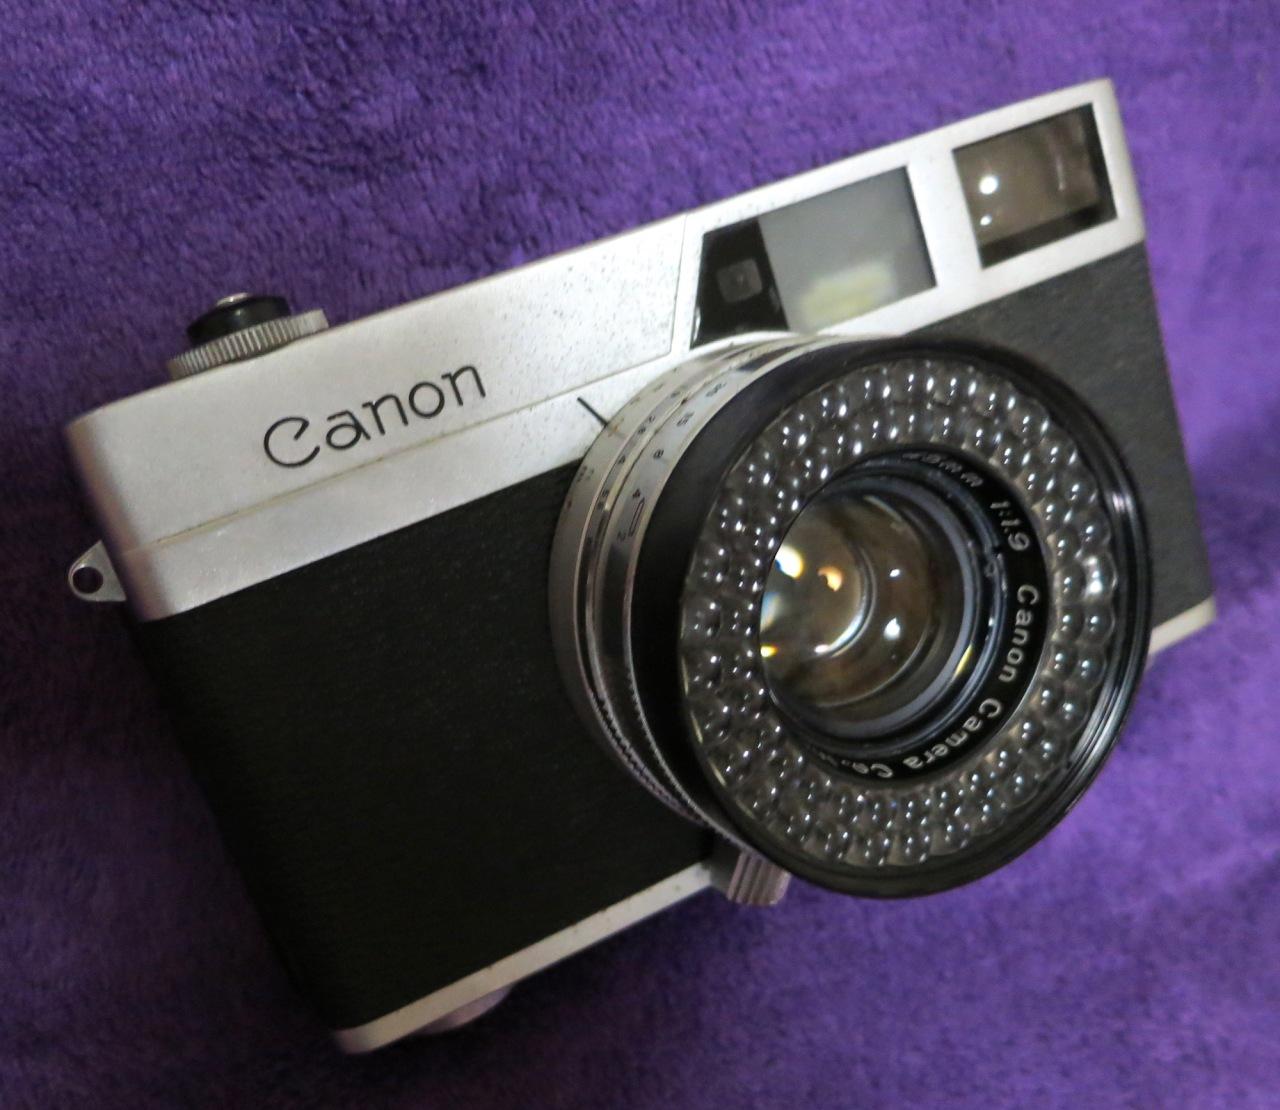 Canonet – TheOriginal